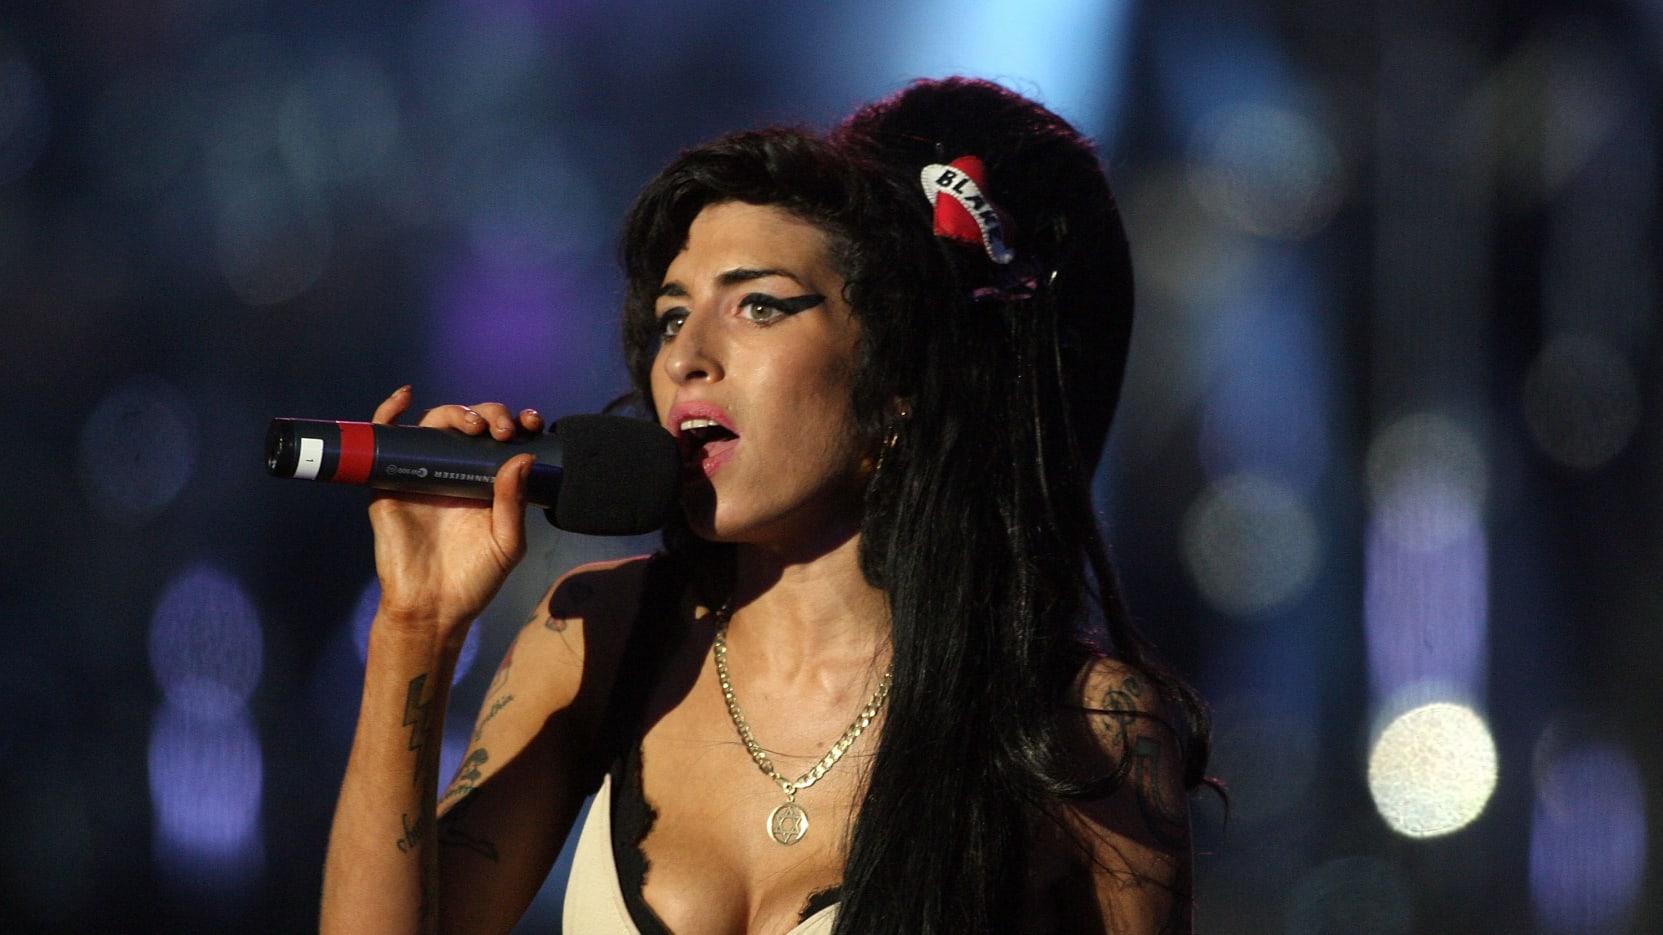 LONDONR - 27 QERSHOR: Amy Winehouse performon gjatë koncertit 46664 në festimin e jetës së Nelson Mandelës në Hyde Park më 27 qershor 2008 në Londër, Angli. (Foto nga Dan Kitwood/Getty Images)